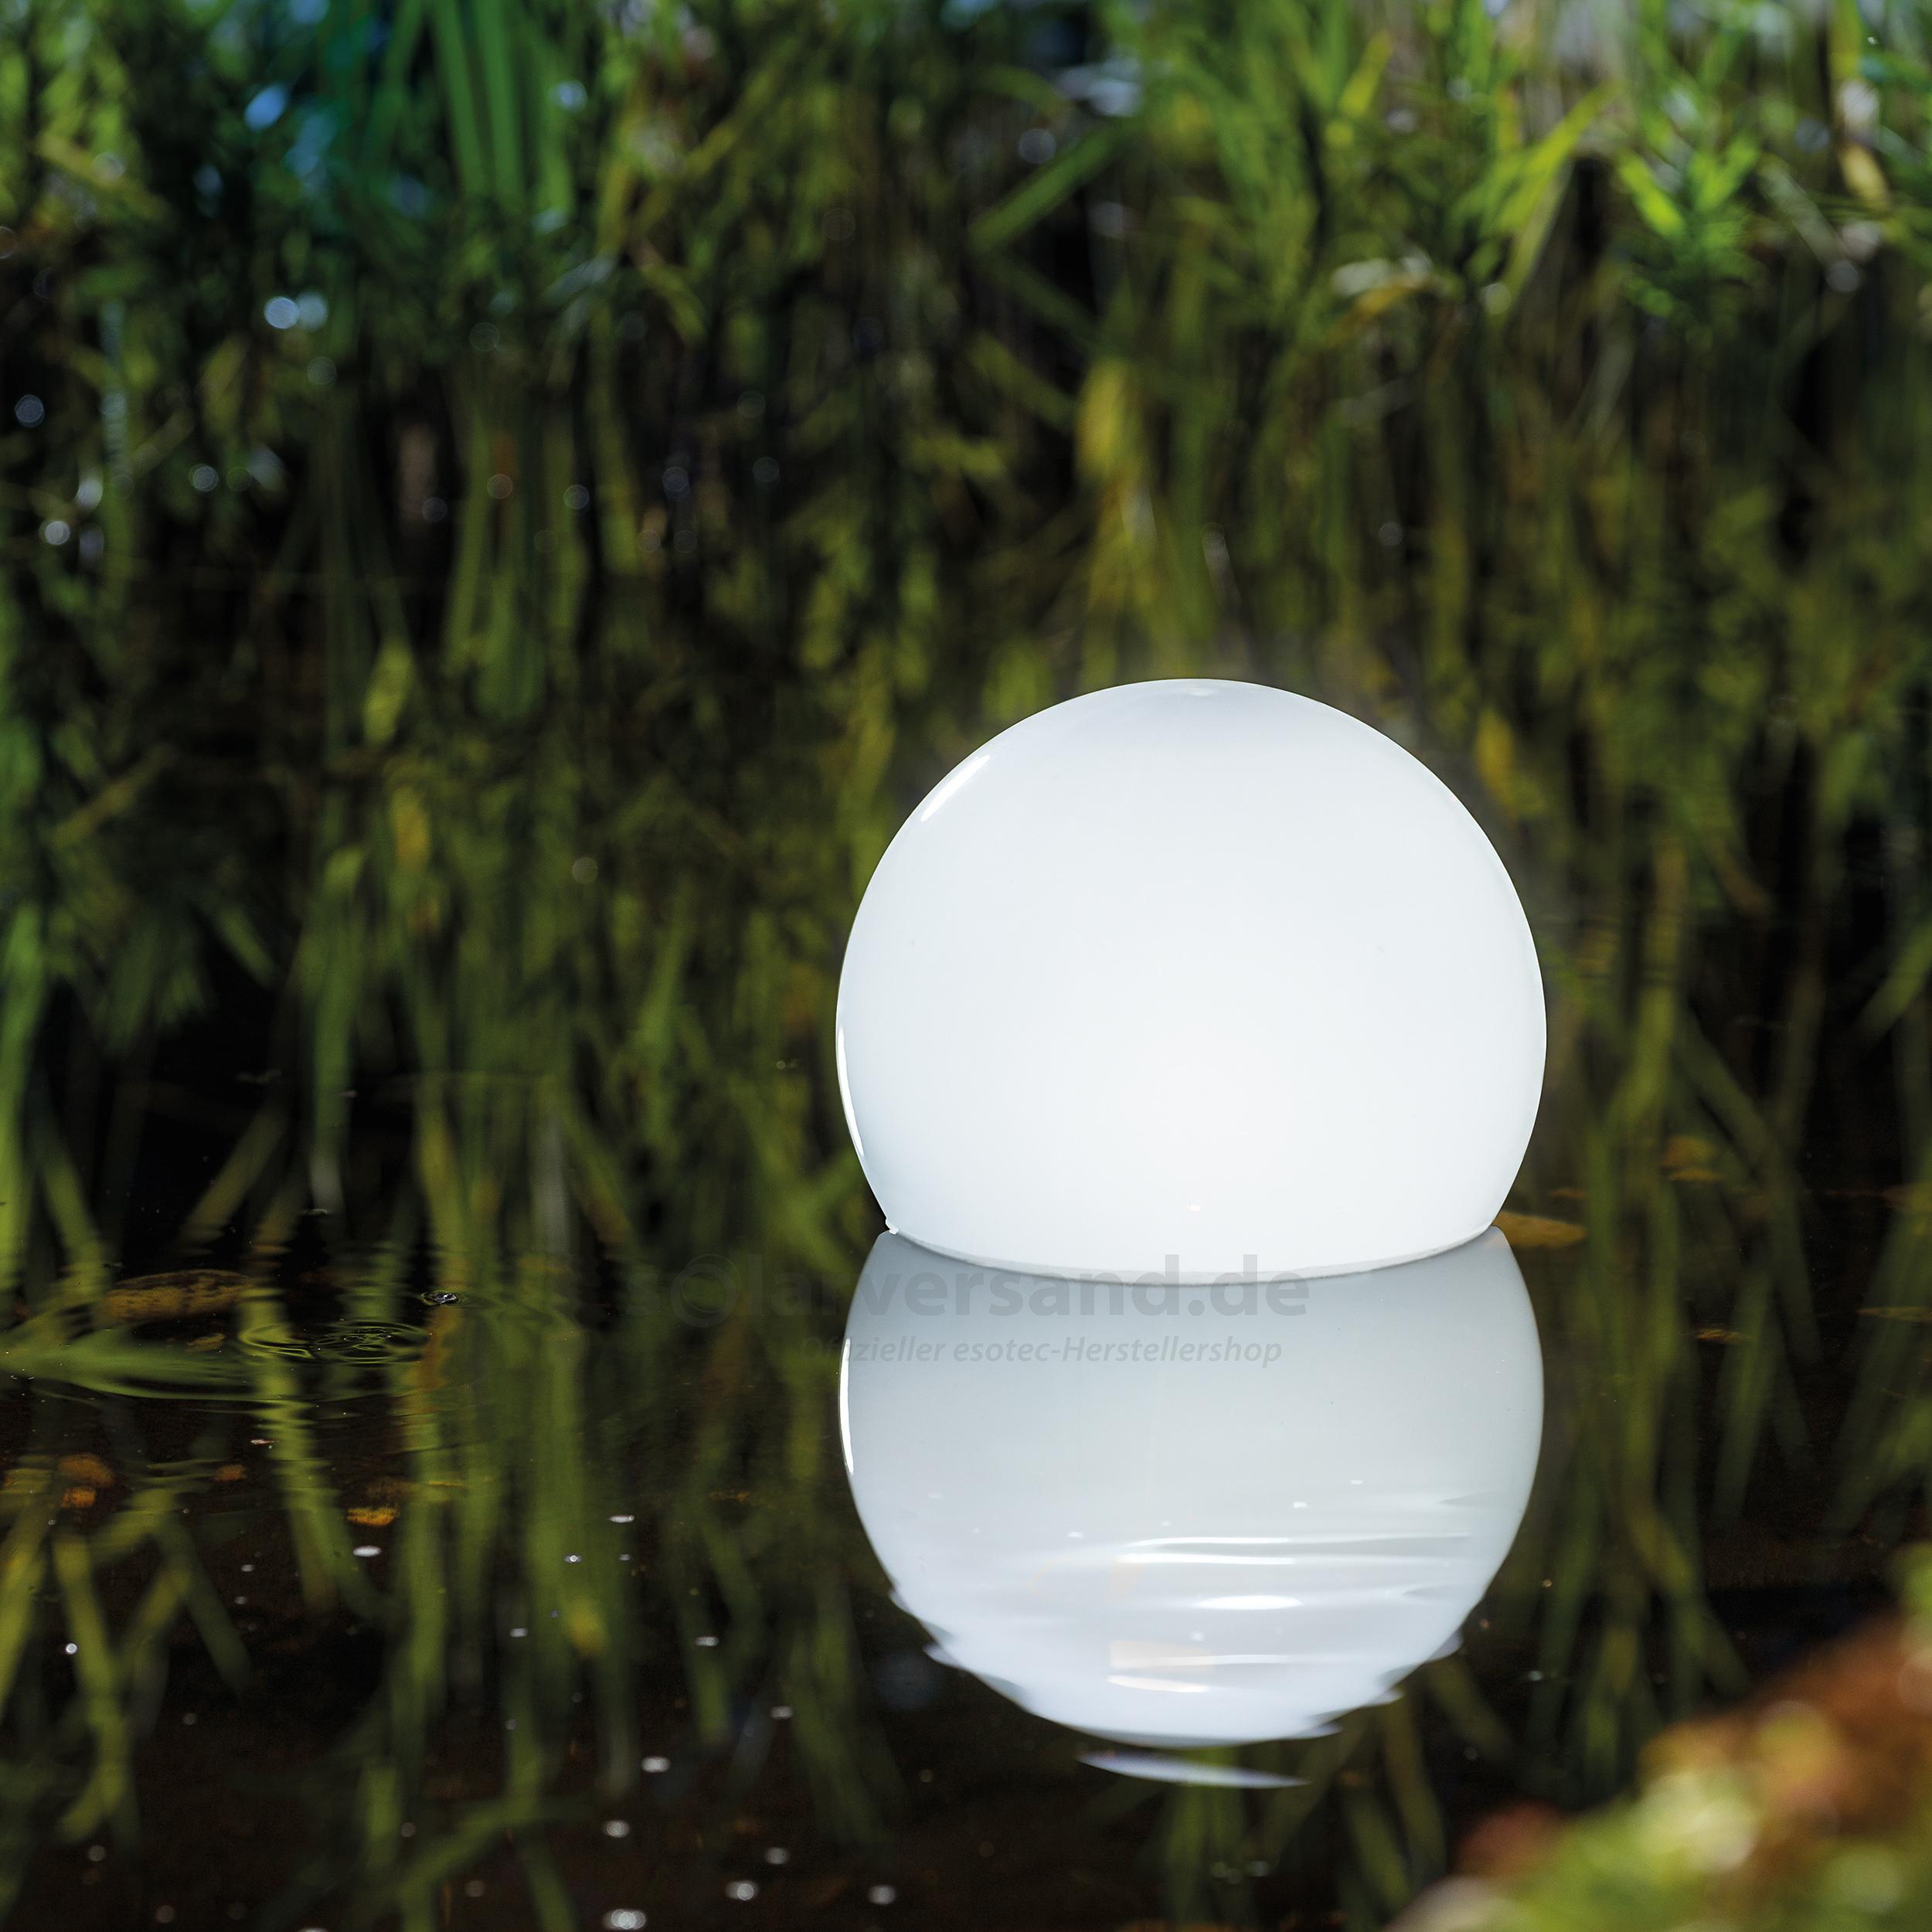 Full Size of Solarkugeln Aldi Leuchtkugel Garten 12 Cm Led Farbwechsel Batteriebetrieb Relaxsessel Wohnzimmer Solarkugeln Aldi